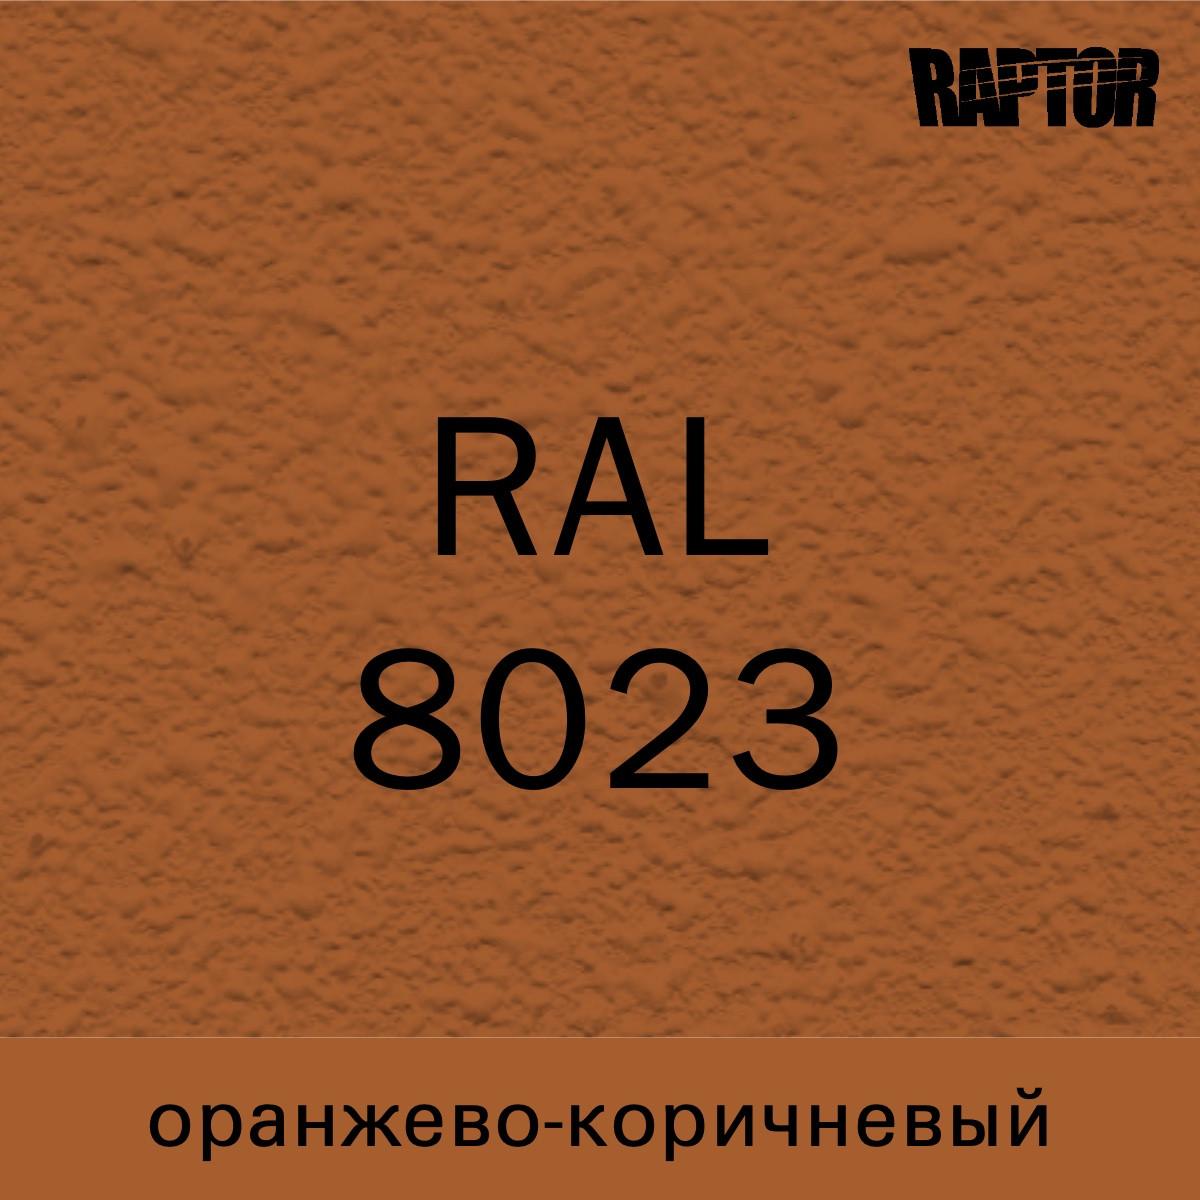 Пигмент для колеровки покрытия RAPTOR™ Оранжево-коричневый (RAL 8023)